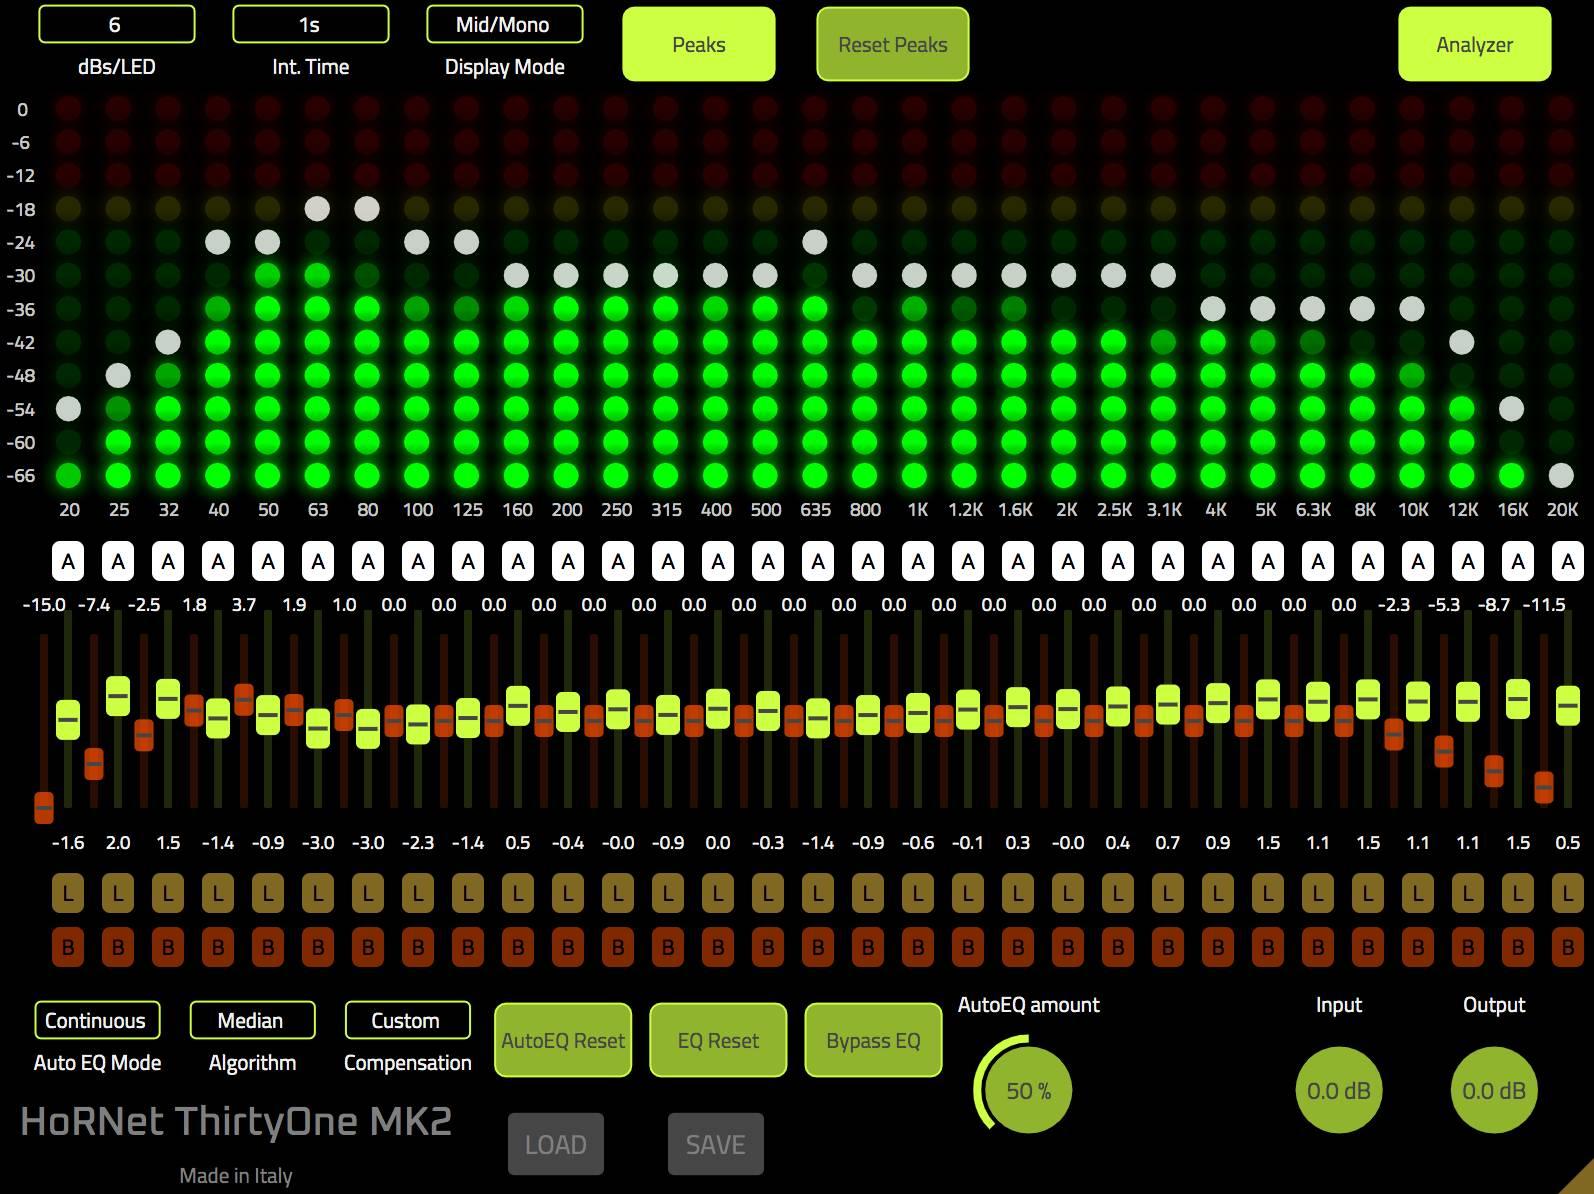 HoRNet ThirtyOne MK2 screenshot